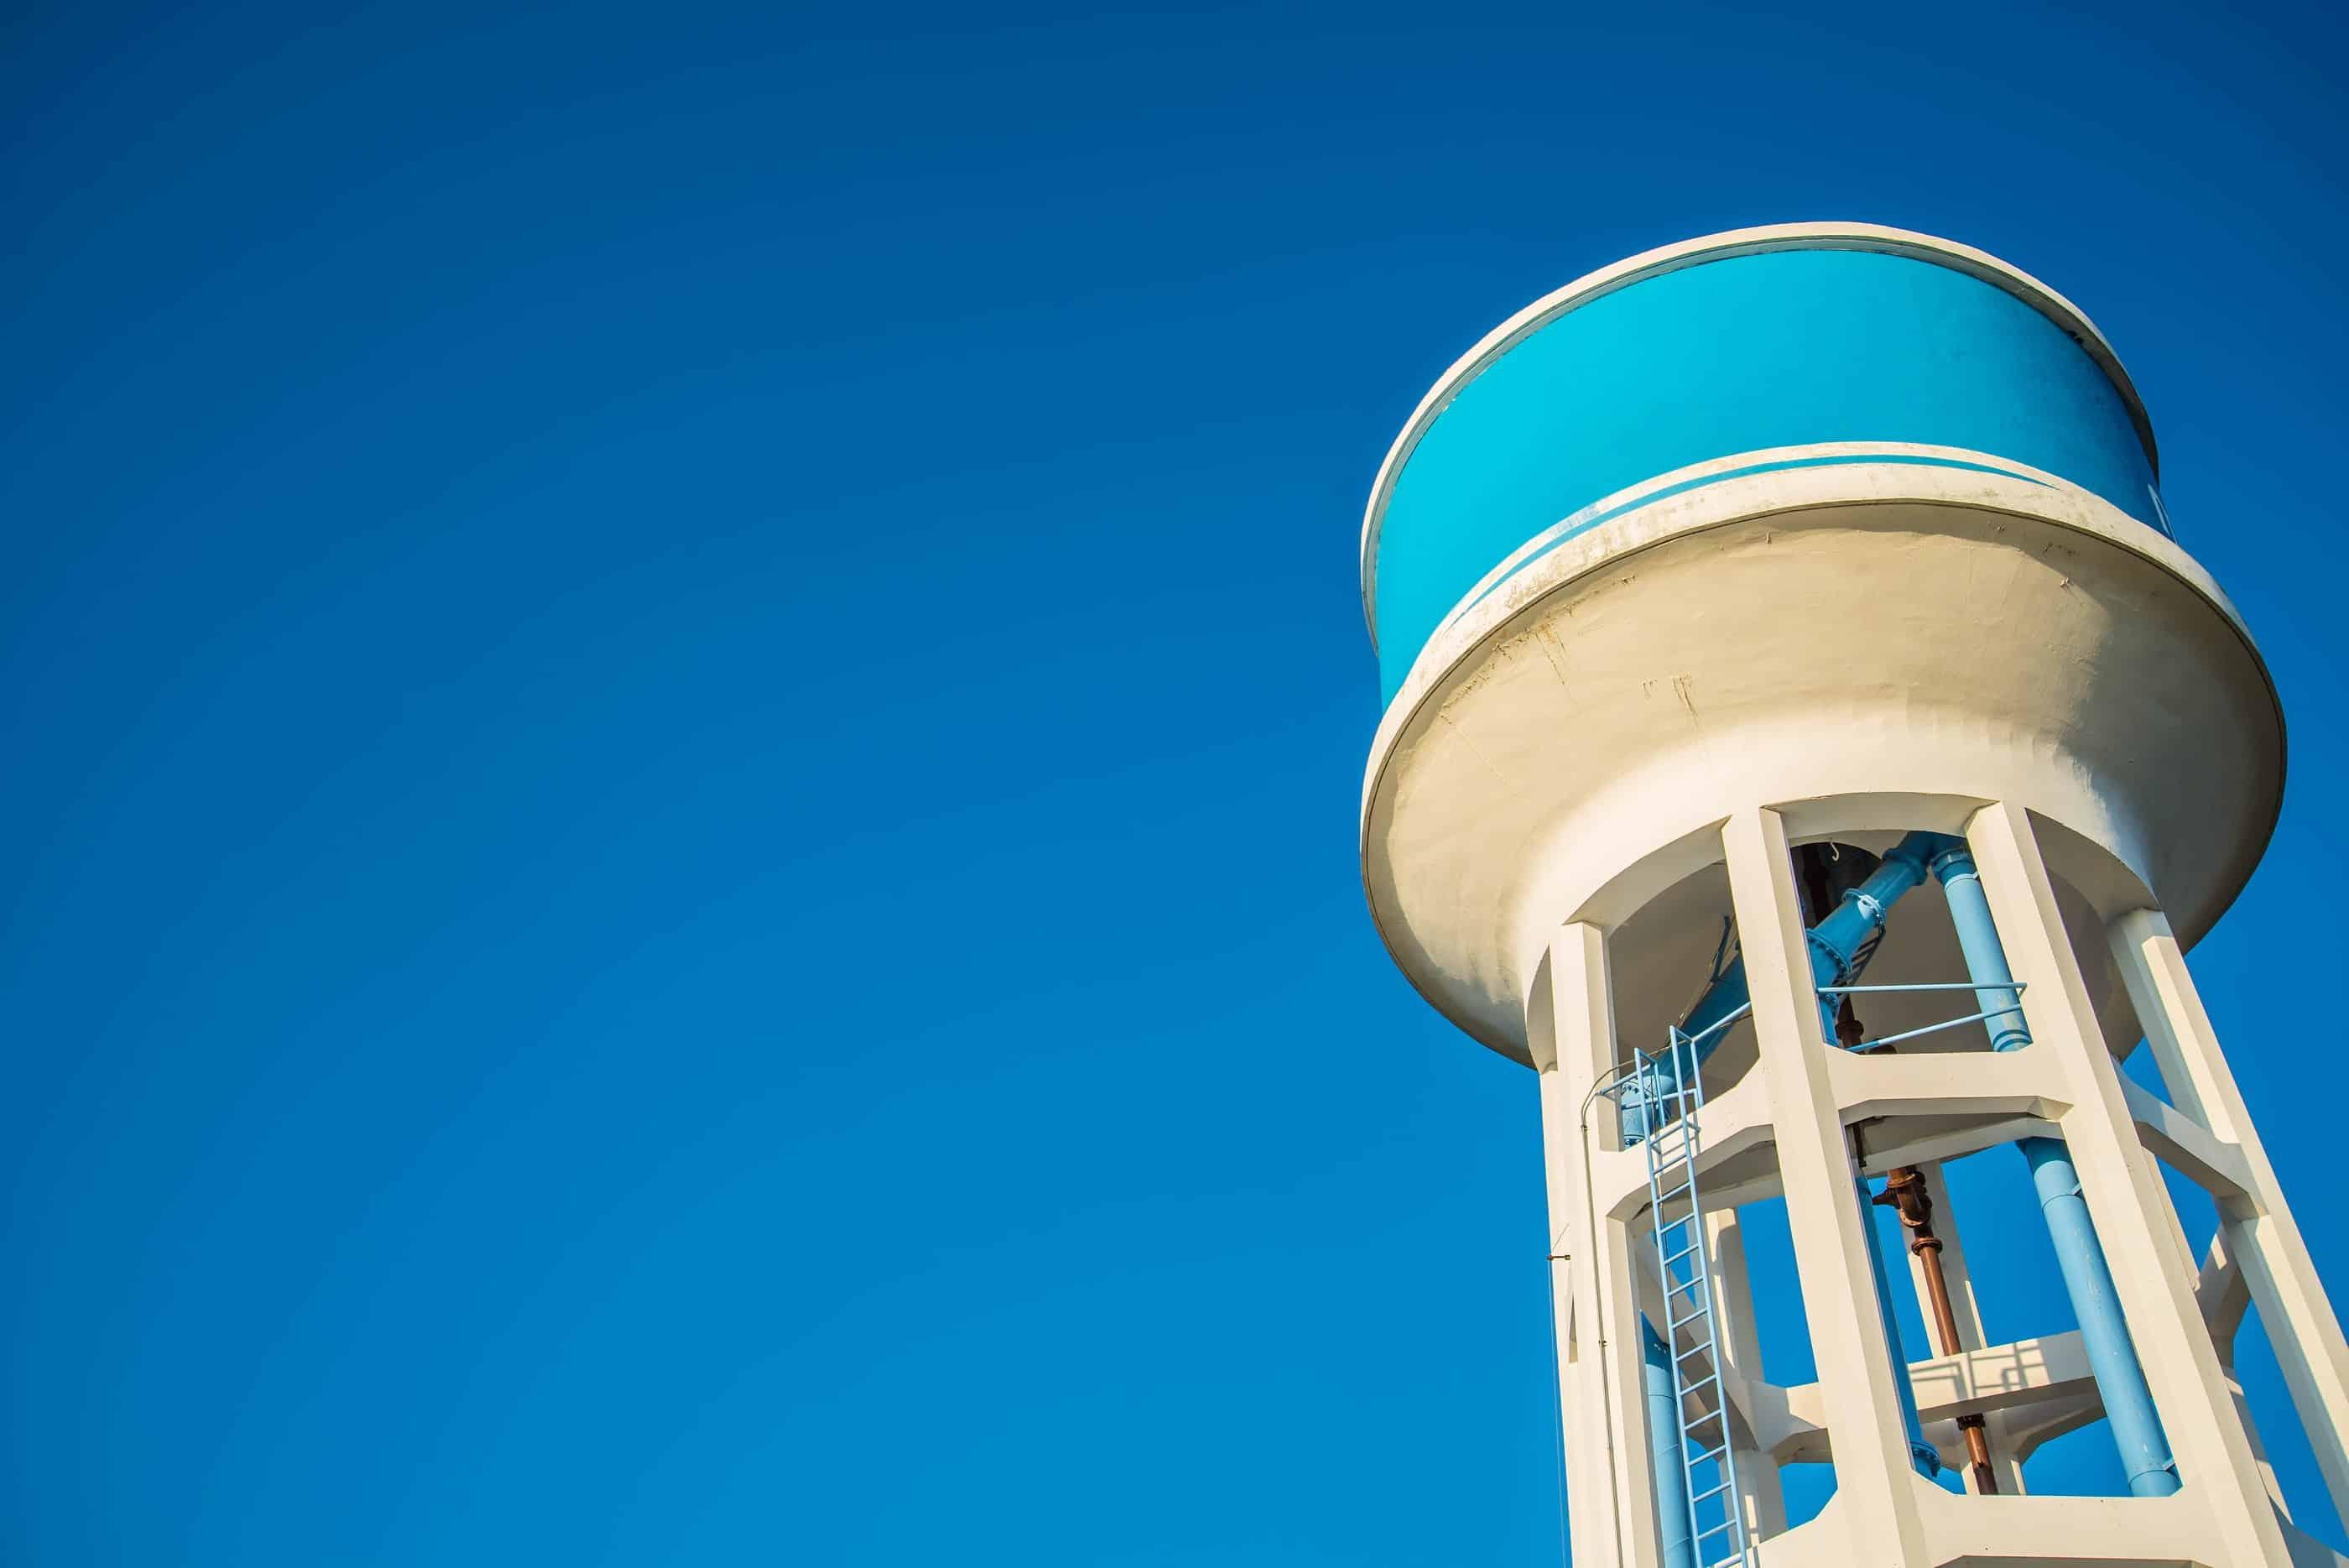 A caixa d'água serve para armazenar água na falta de abastecimento, por isso o cálculo da caixa d'água é essencial.